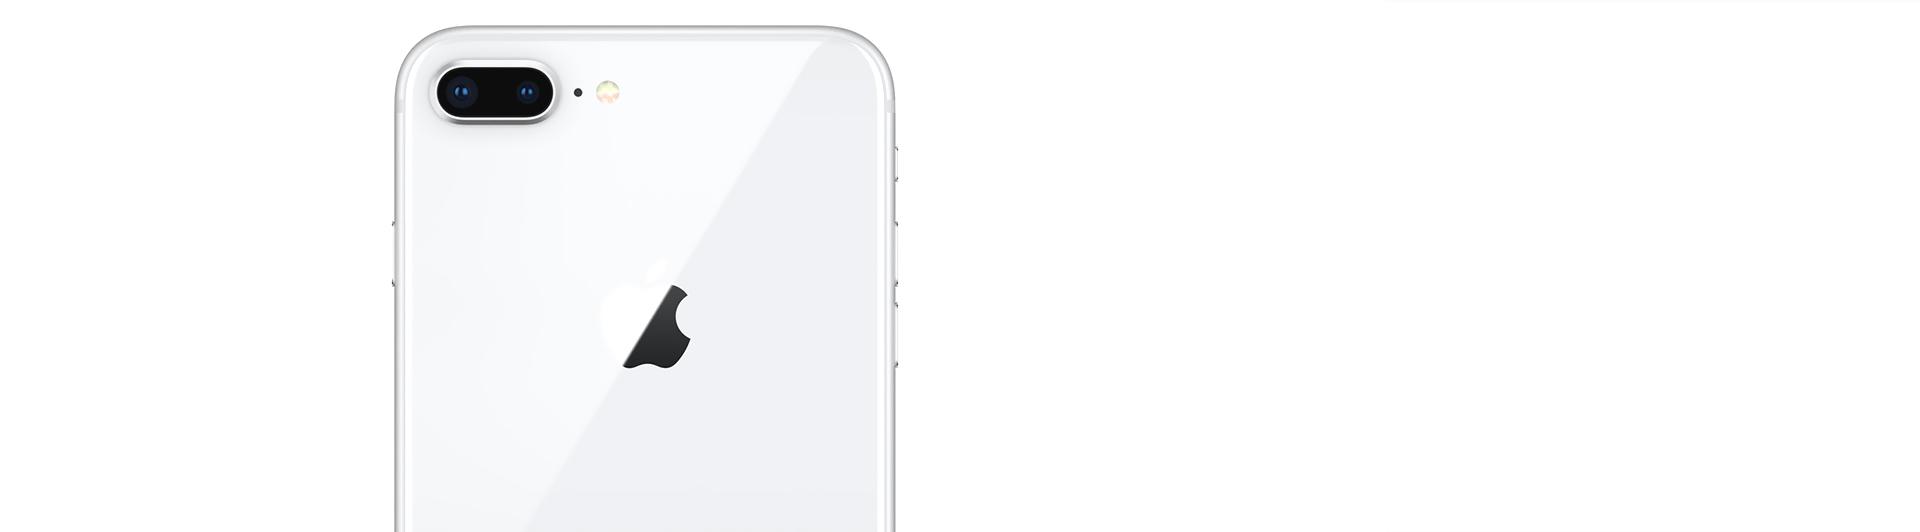 Điện thoại iPhone 8 64GB Bạc hiện đại